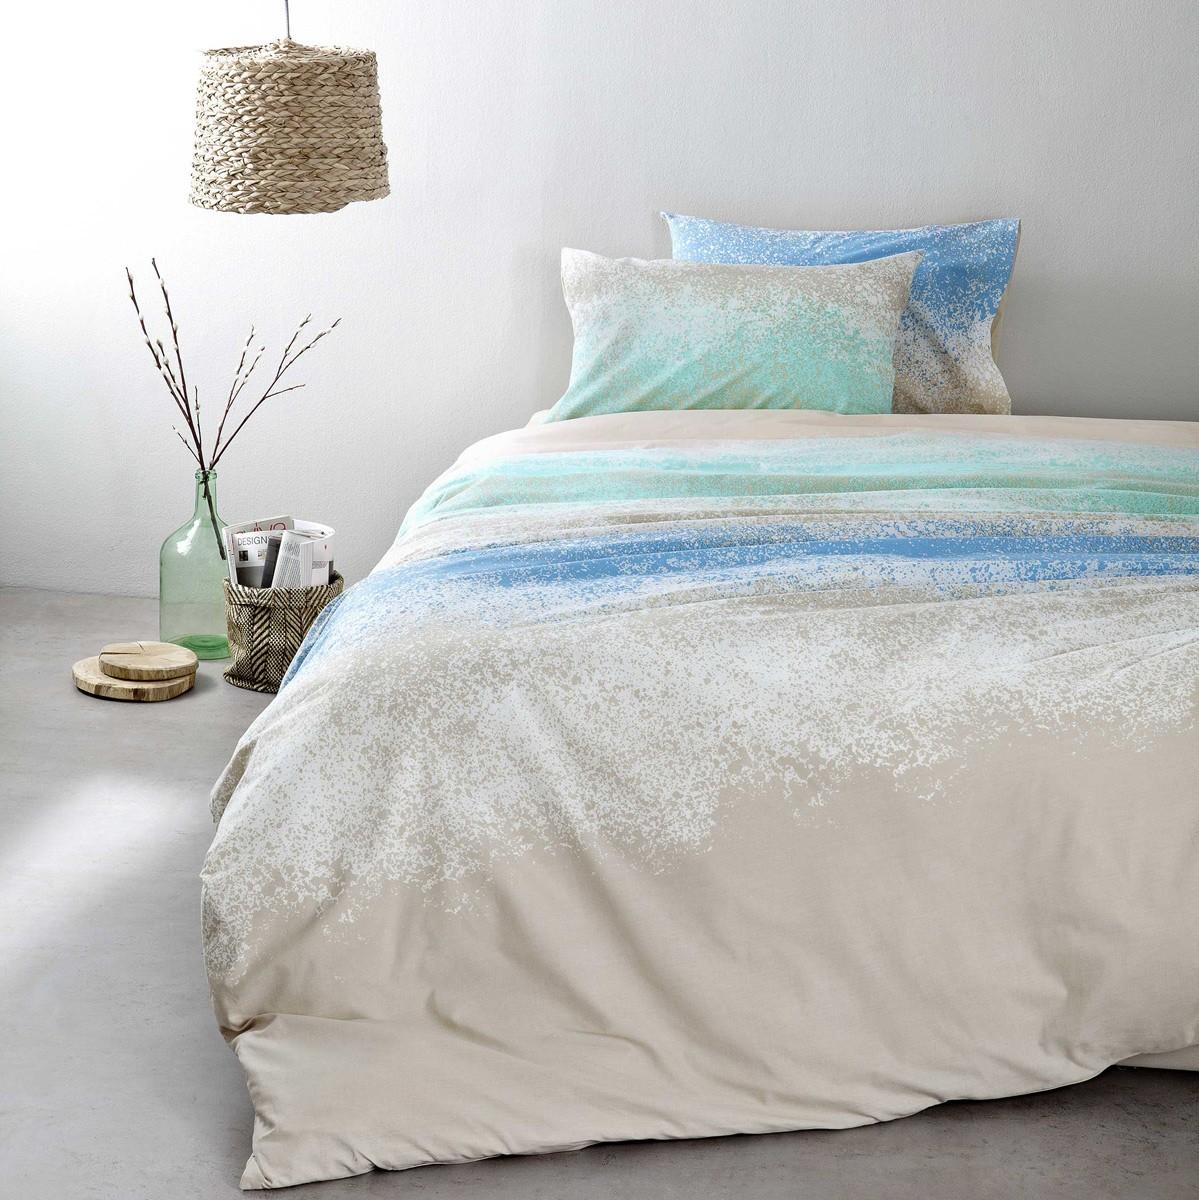 Σεντόνια Μονά (Σετ) Nima Bed Linen Samoa Blue ΧΩΡΙΣ ΛΑΣΤΙΧΟ ΧΩΡΙΣ ΛΑΣΤΙΧΟ